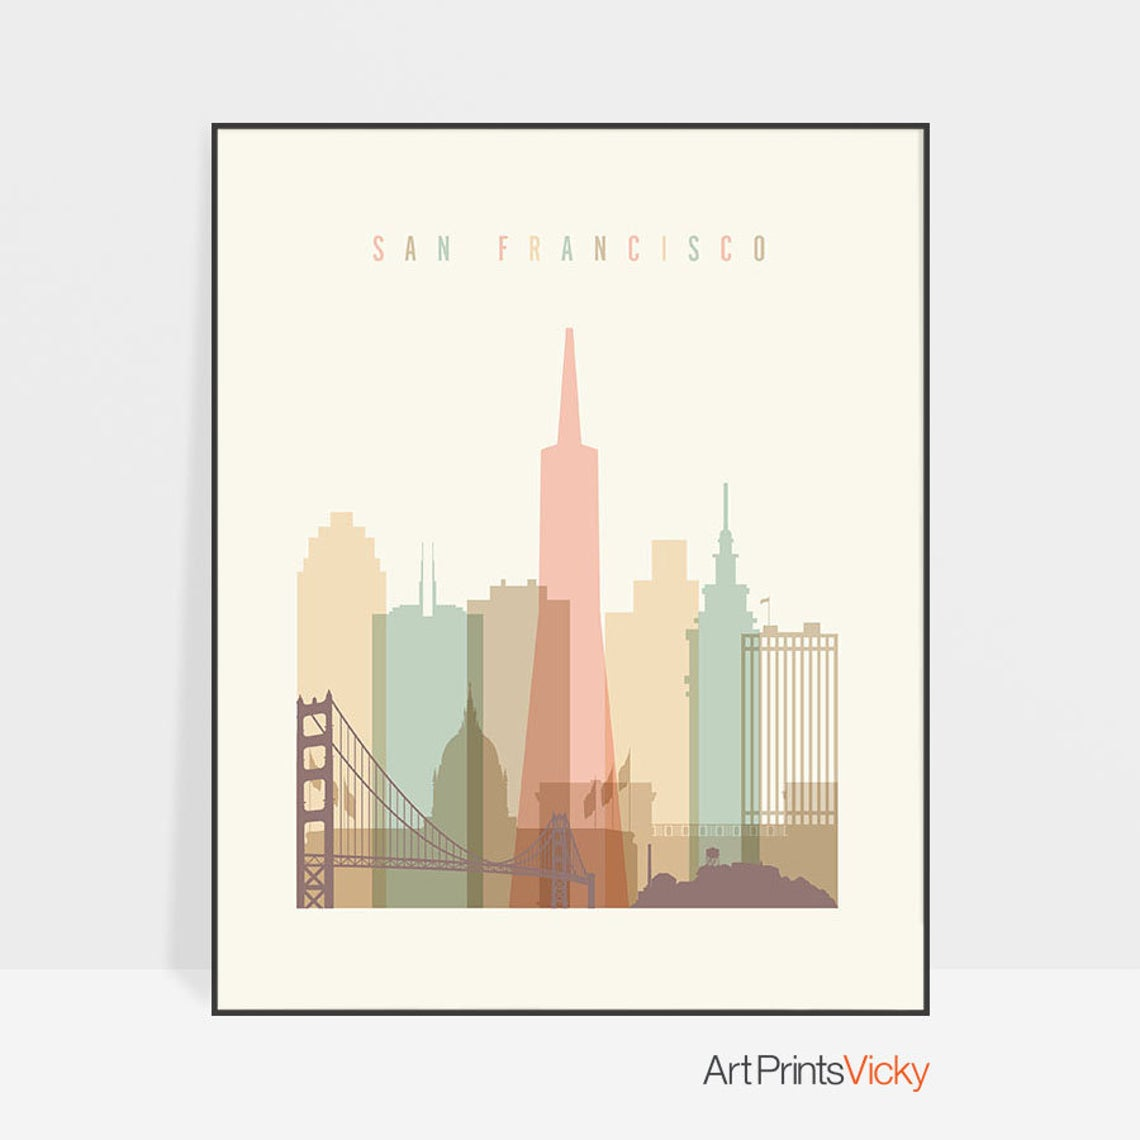 Lámina con el skyline de San Francisco